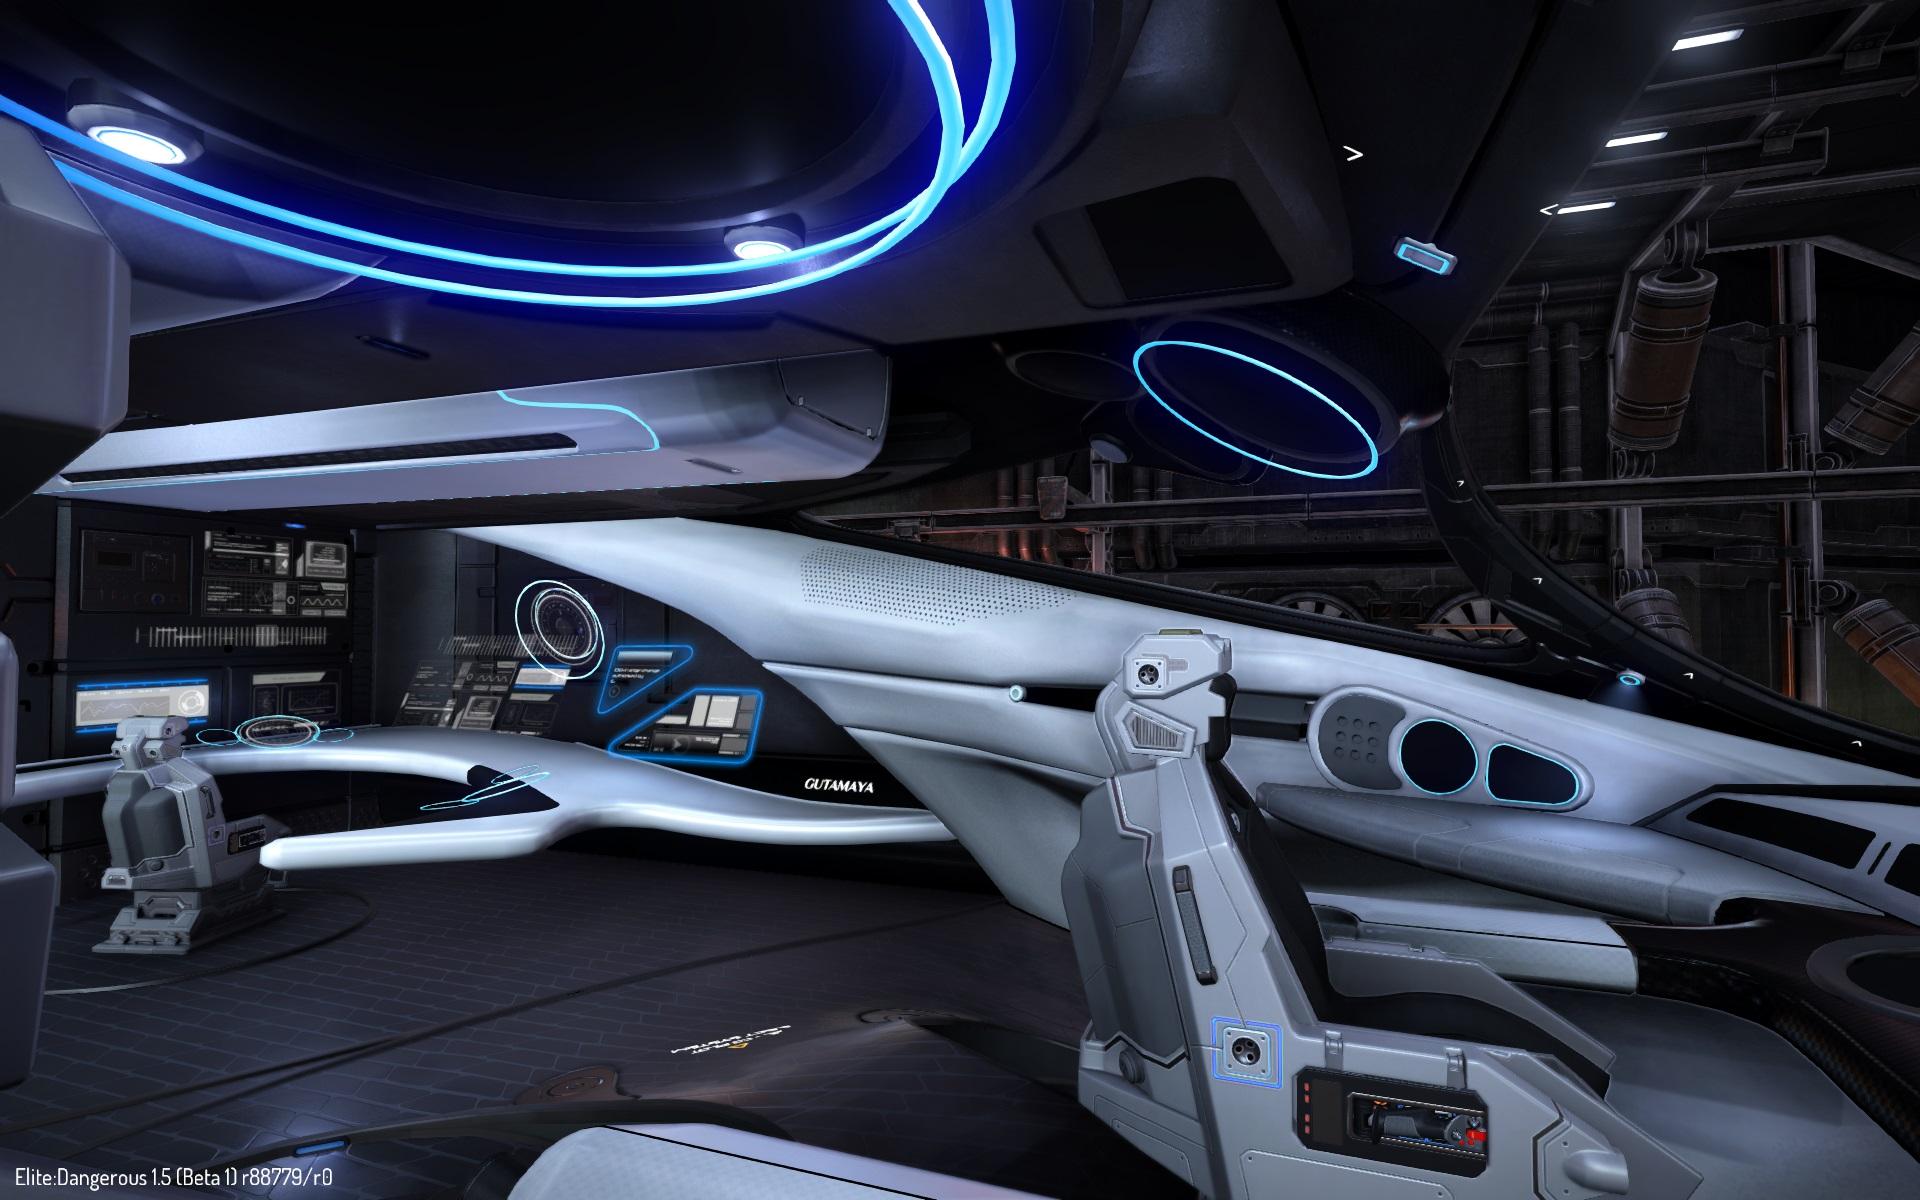 elite dangerous cockpit hd wallpaper - photo #35